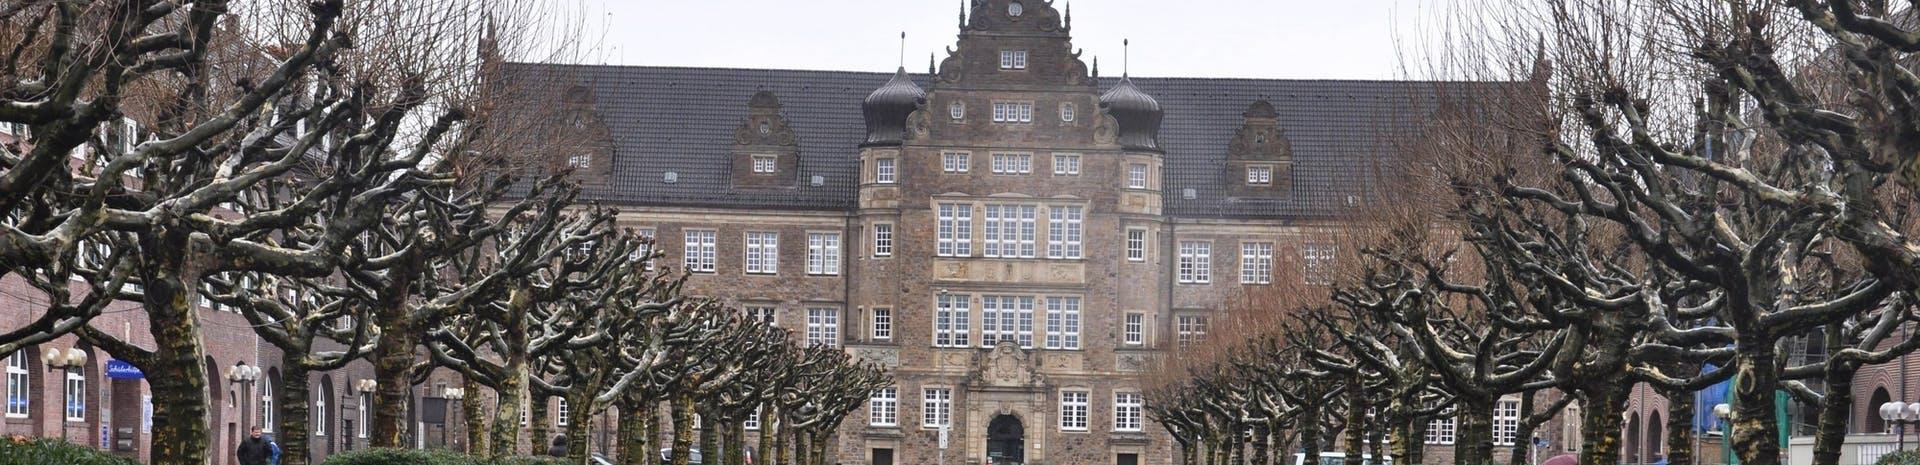 Picture of Oberhausen